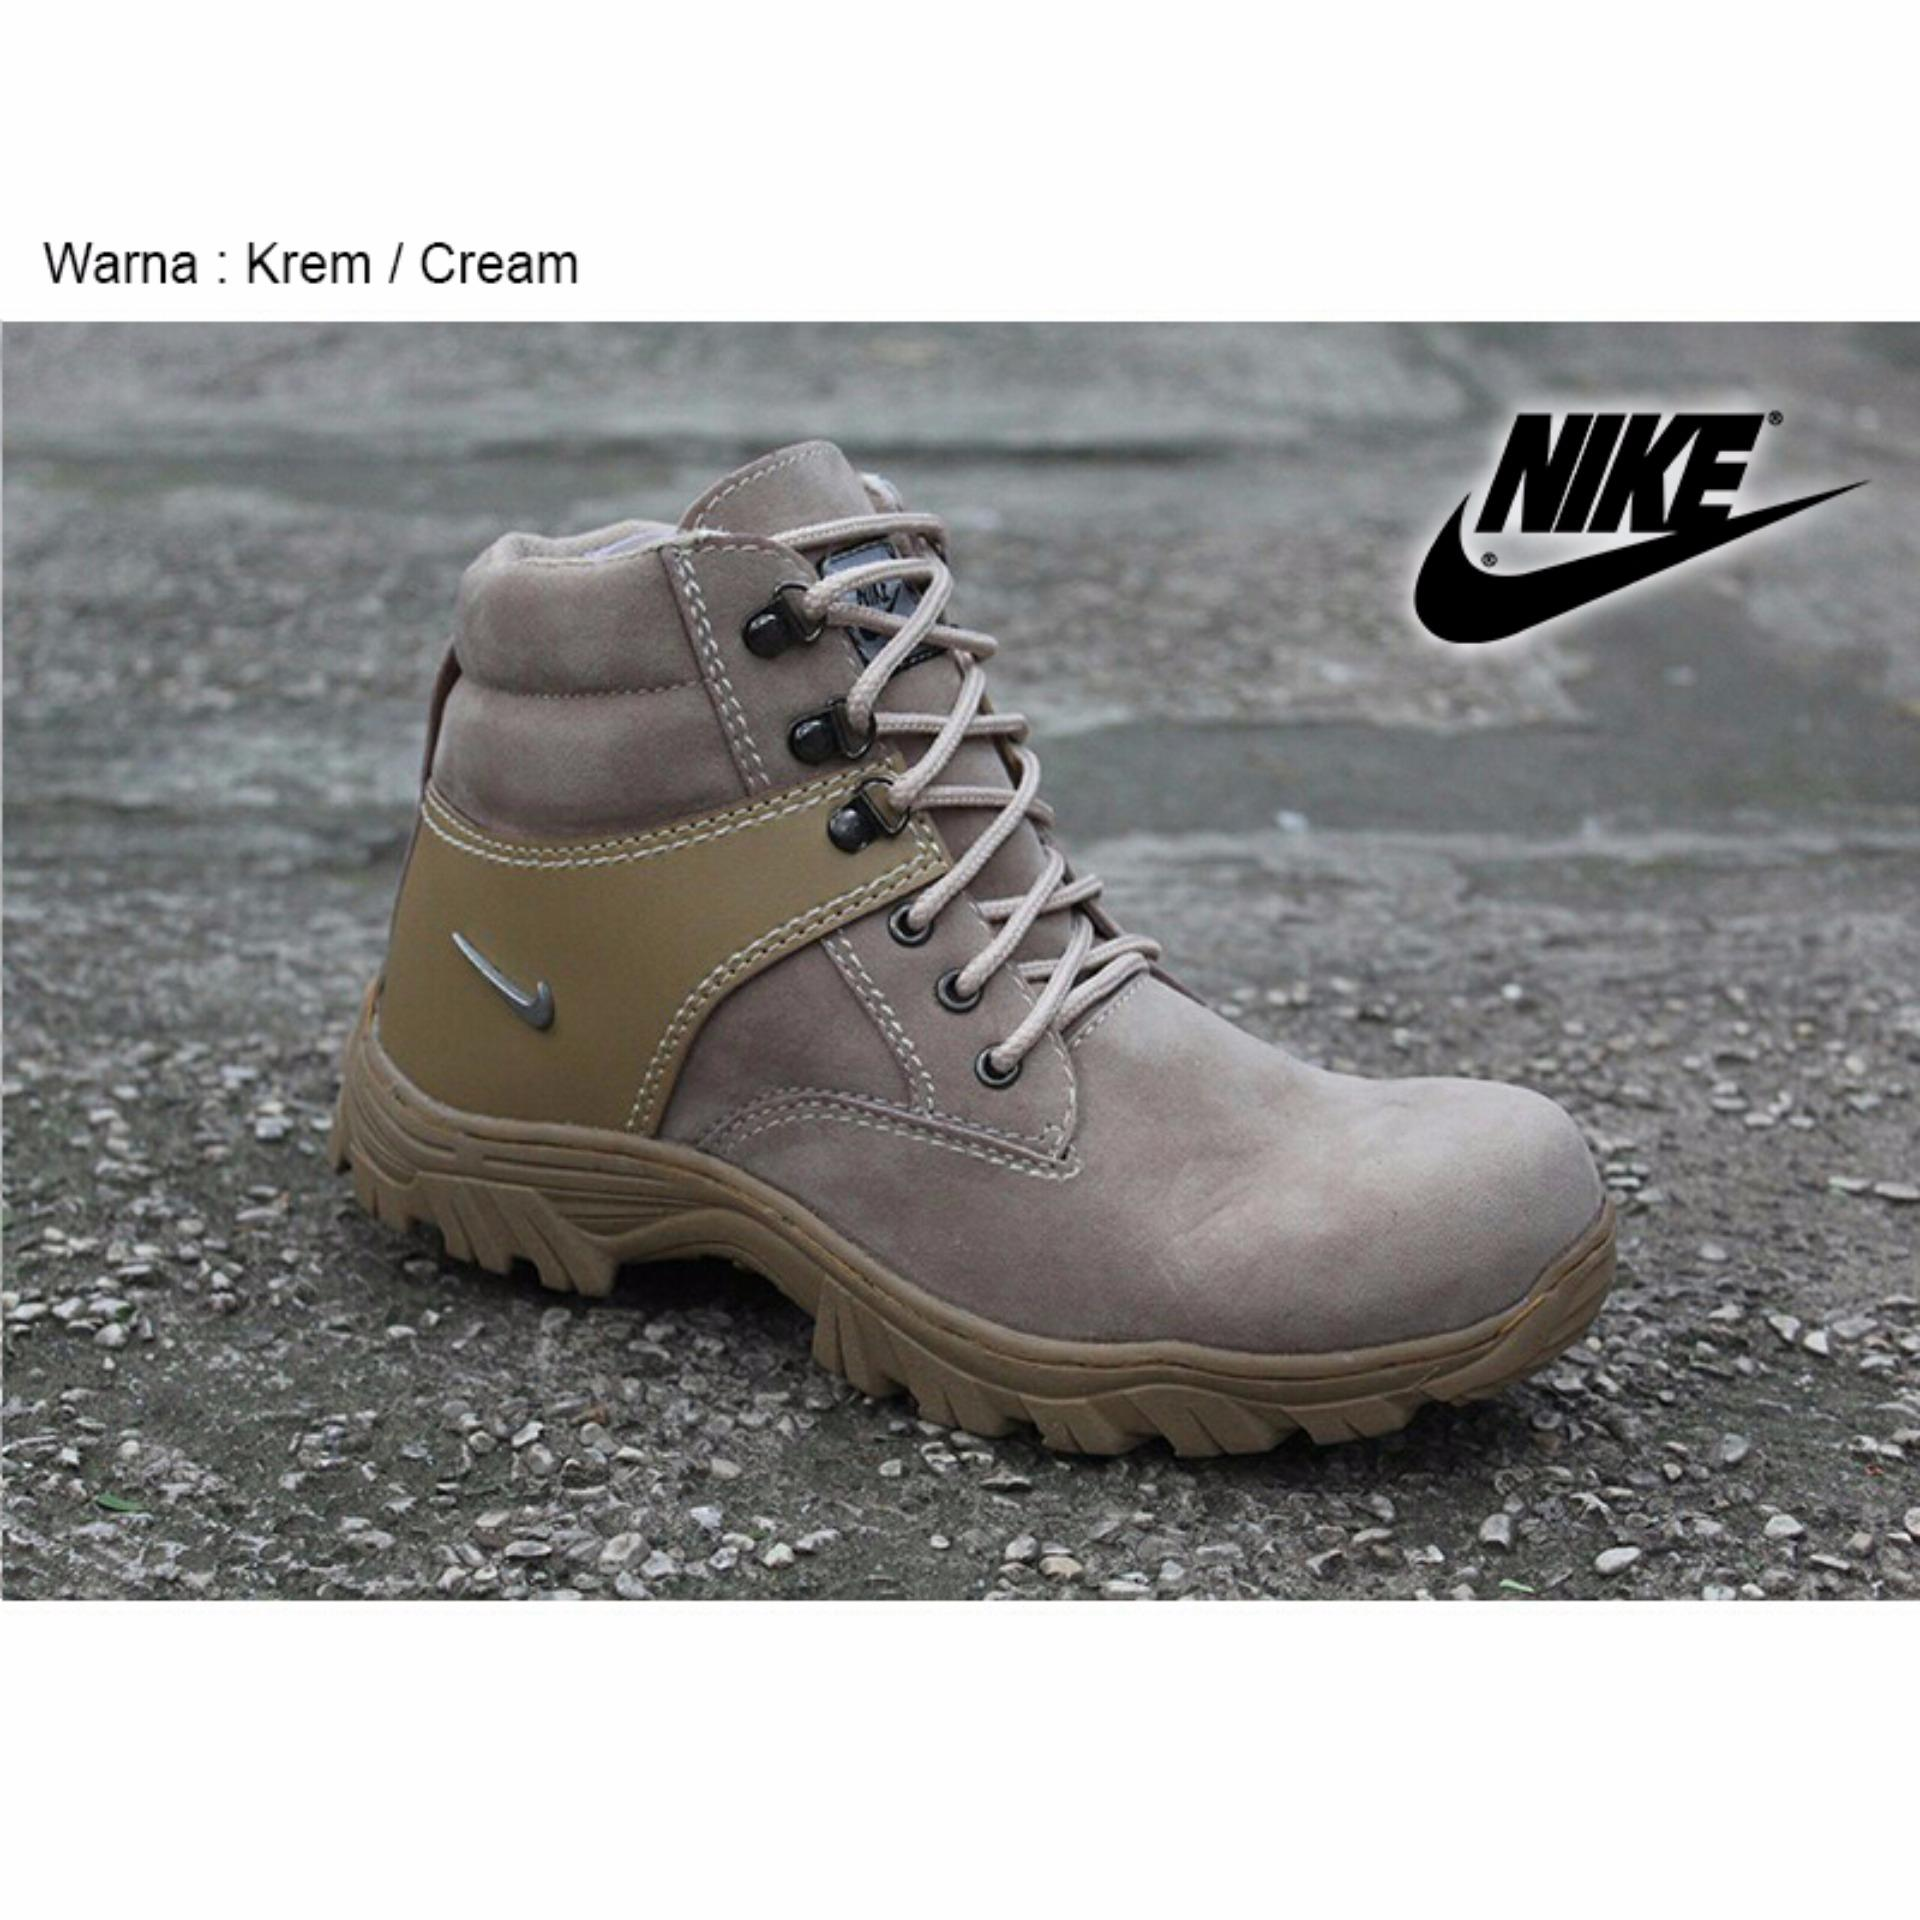 Spesifikasi Sepatu Boots Pria Kenzie Safety Shoes Dan Harganya